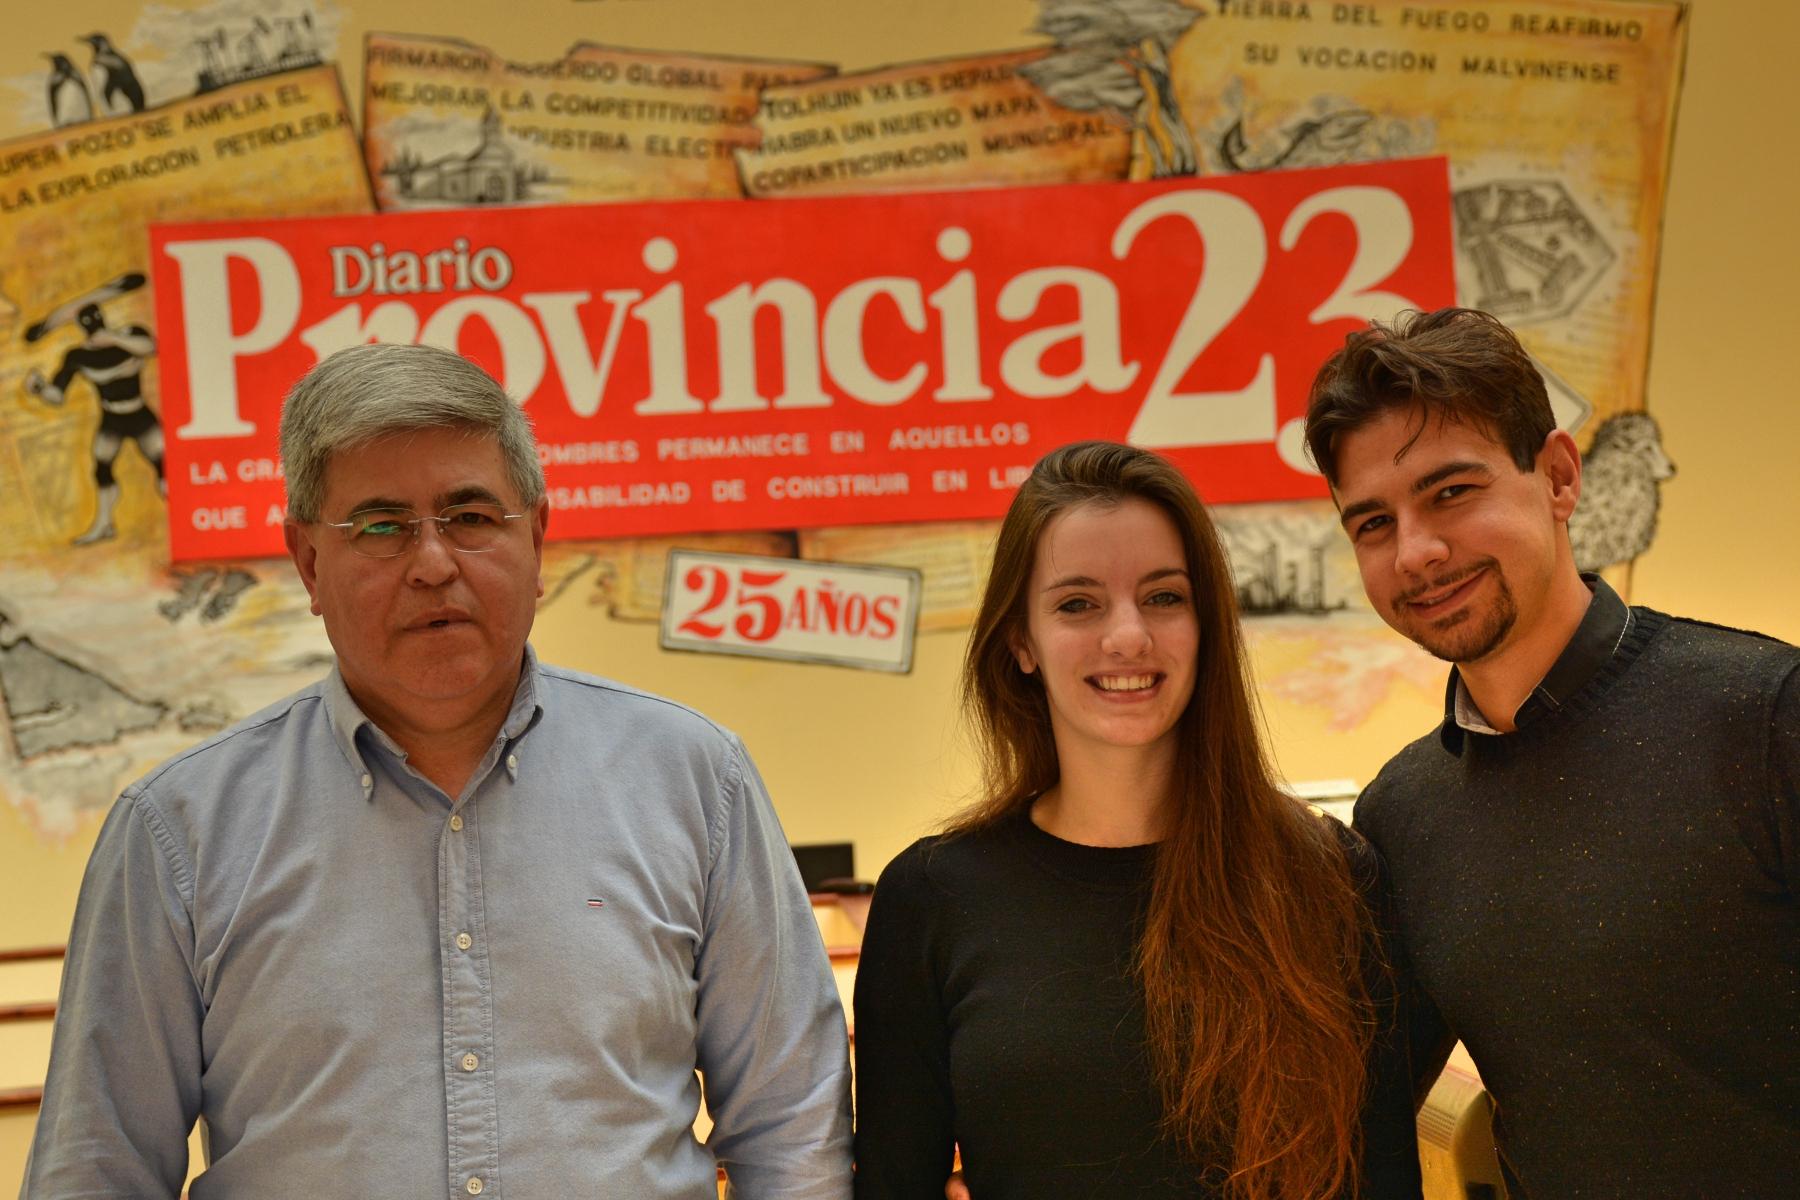 La Campeona Mundial de Tango Agustina Piaggio, junto al Director de Provincia 23 y Radio Universidad 93.5, Alberto Centurión, y su novio, el italiano Simone.